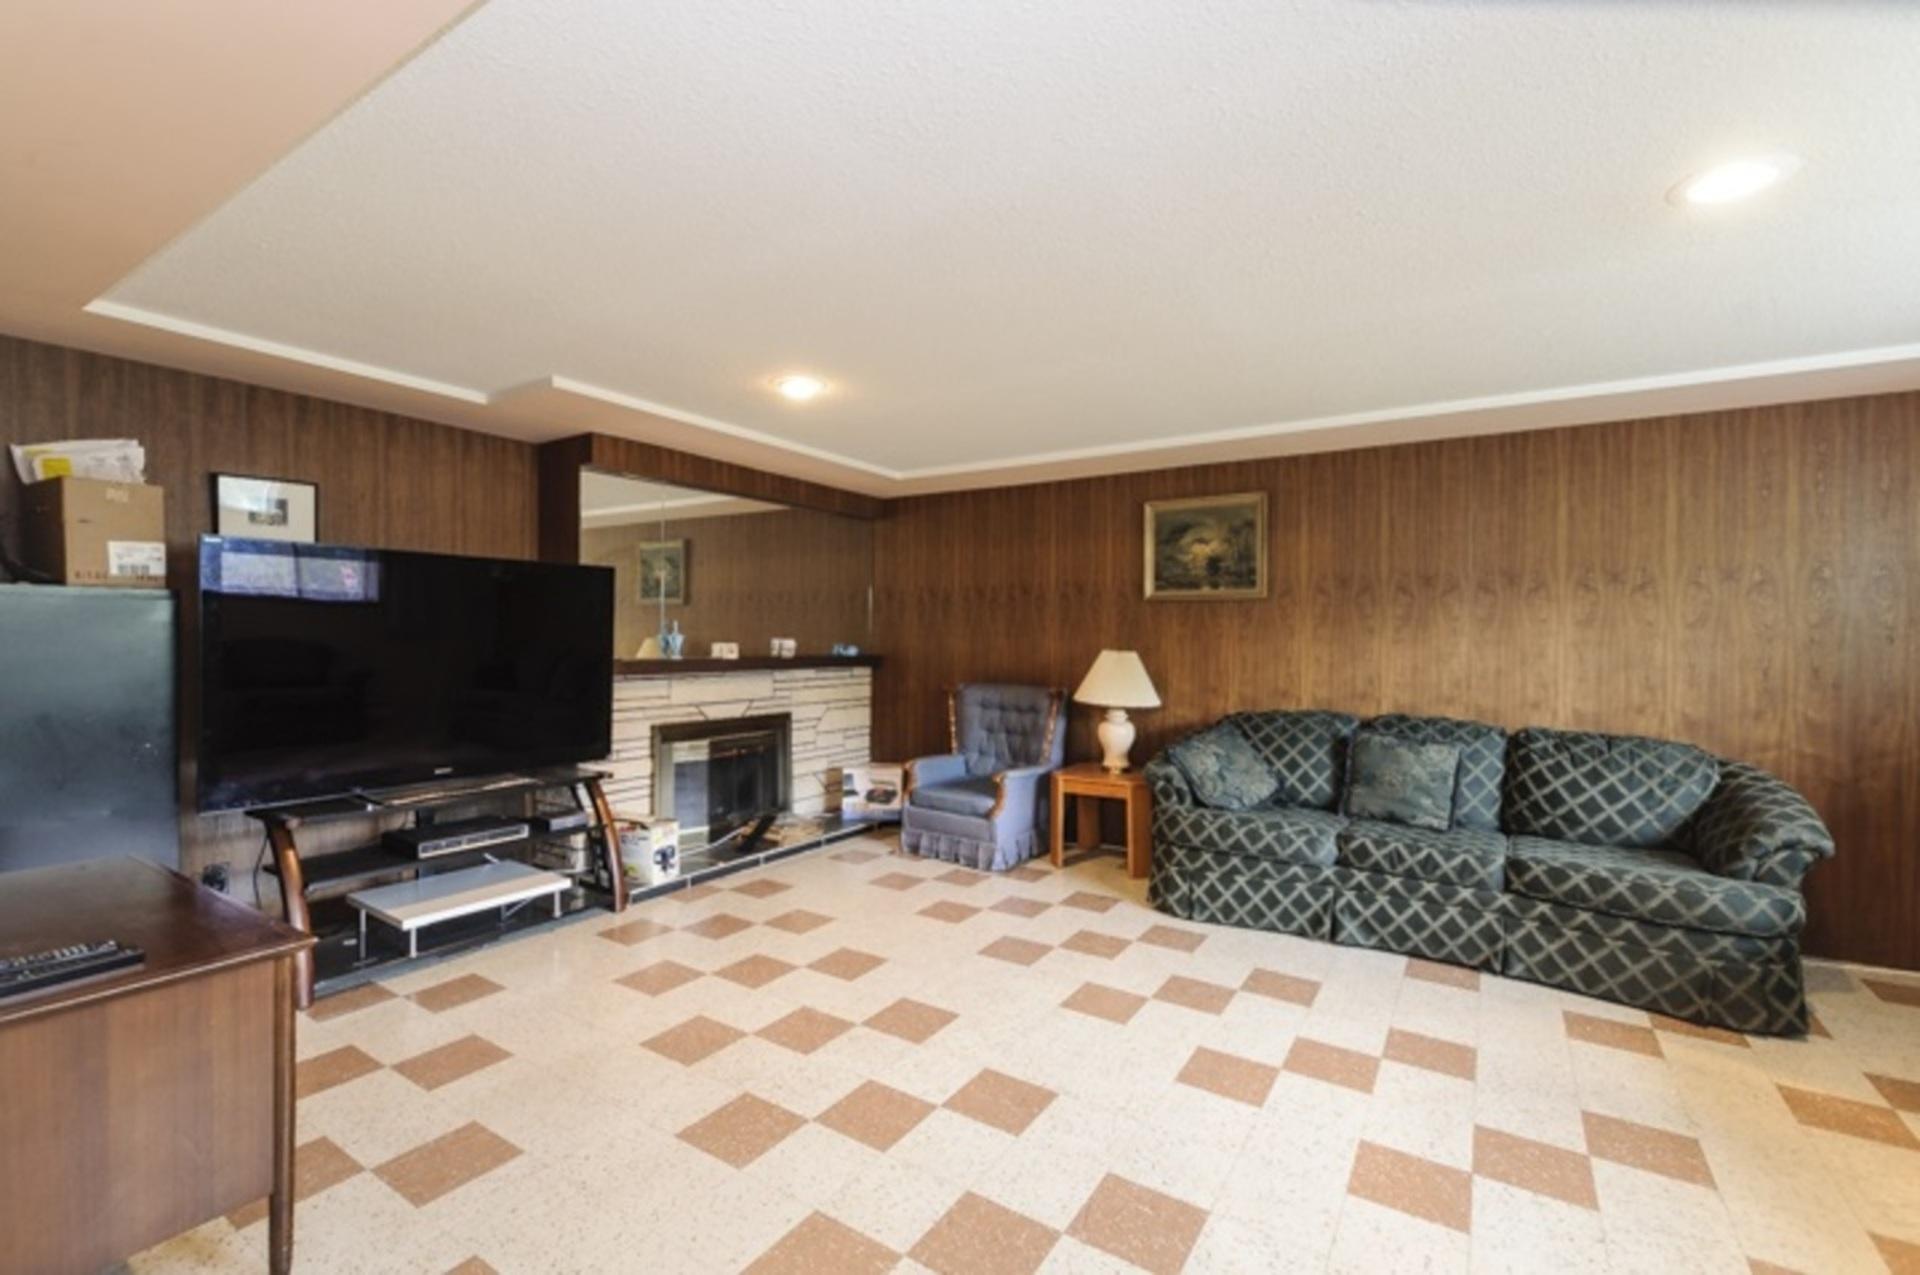 7230-kitchener-street-simon-fraser-univer-burnaby-north-15 at 7230 Kitchener Street, Burnaby North